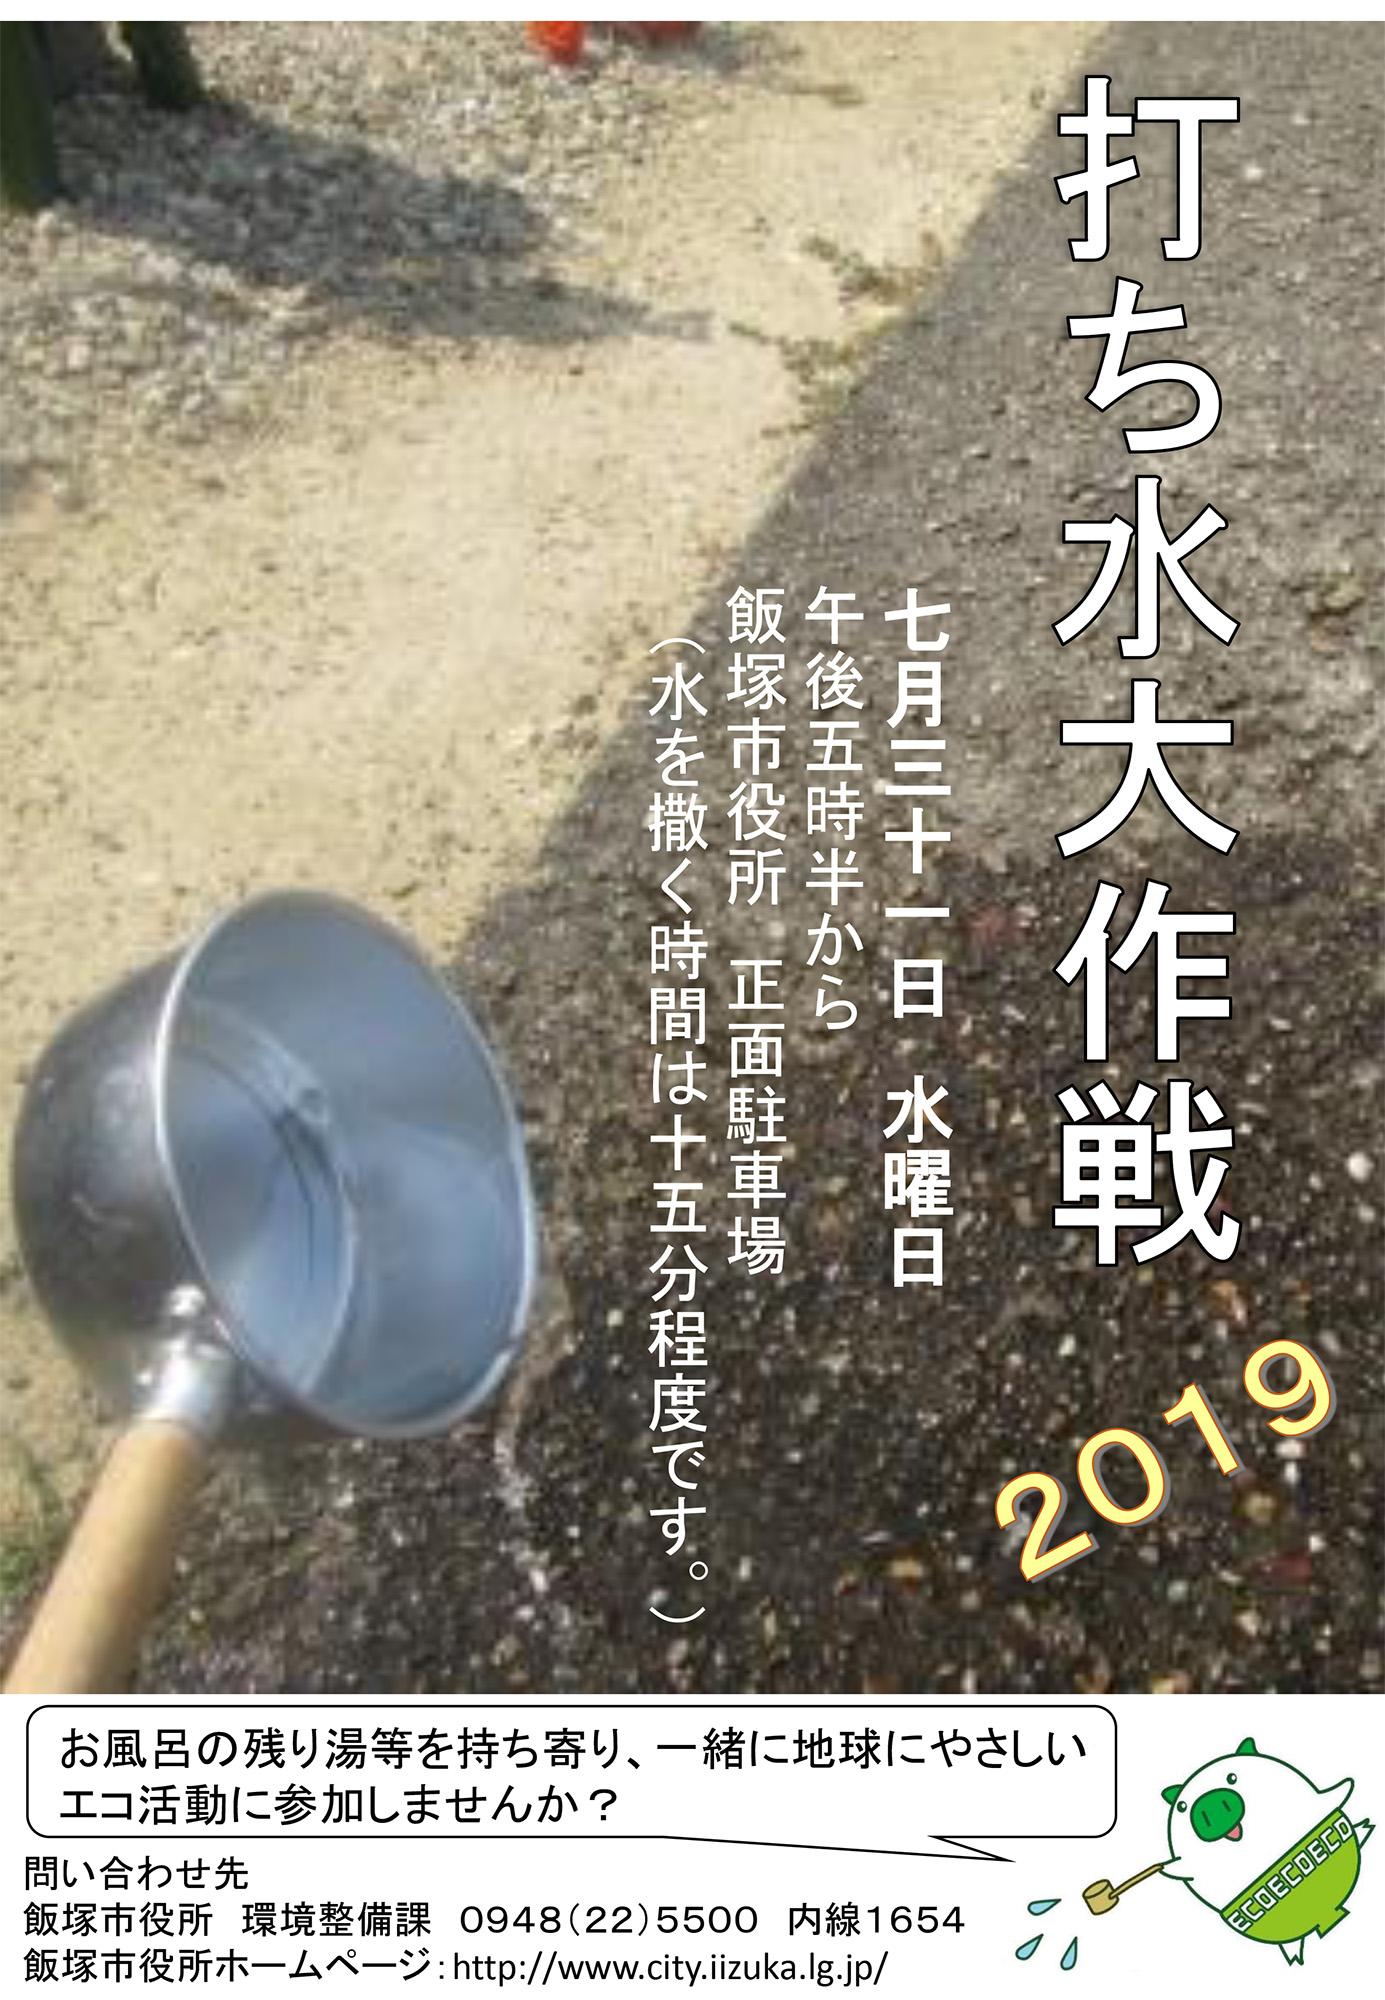 飯塚市役所 打ち水大作戦 2019